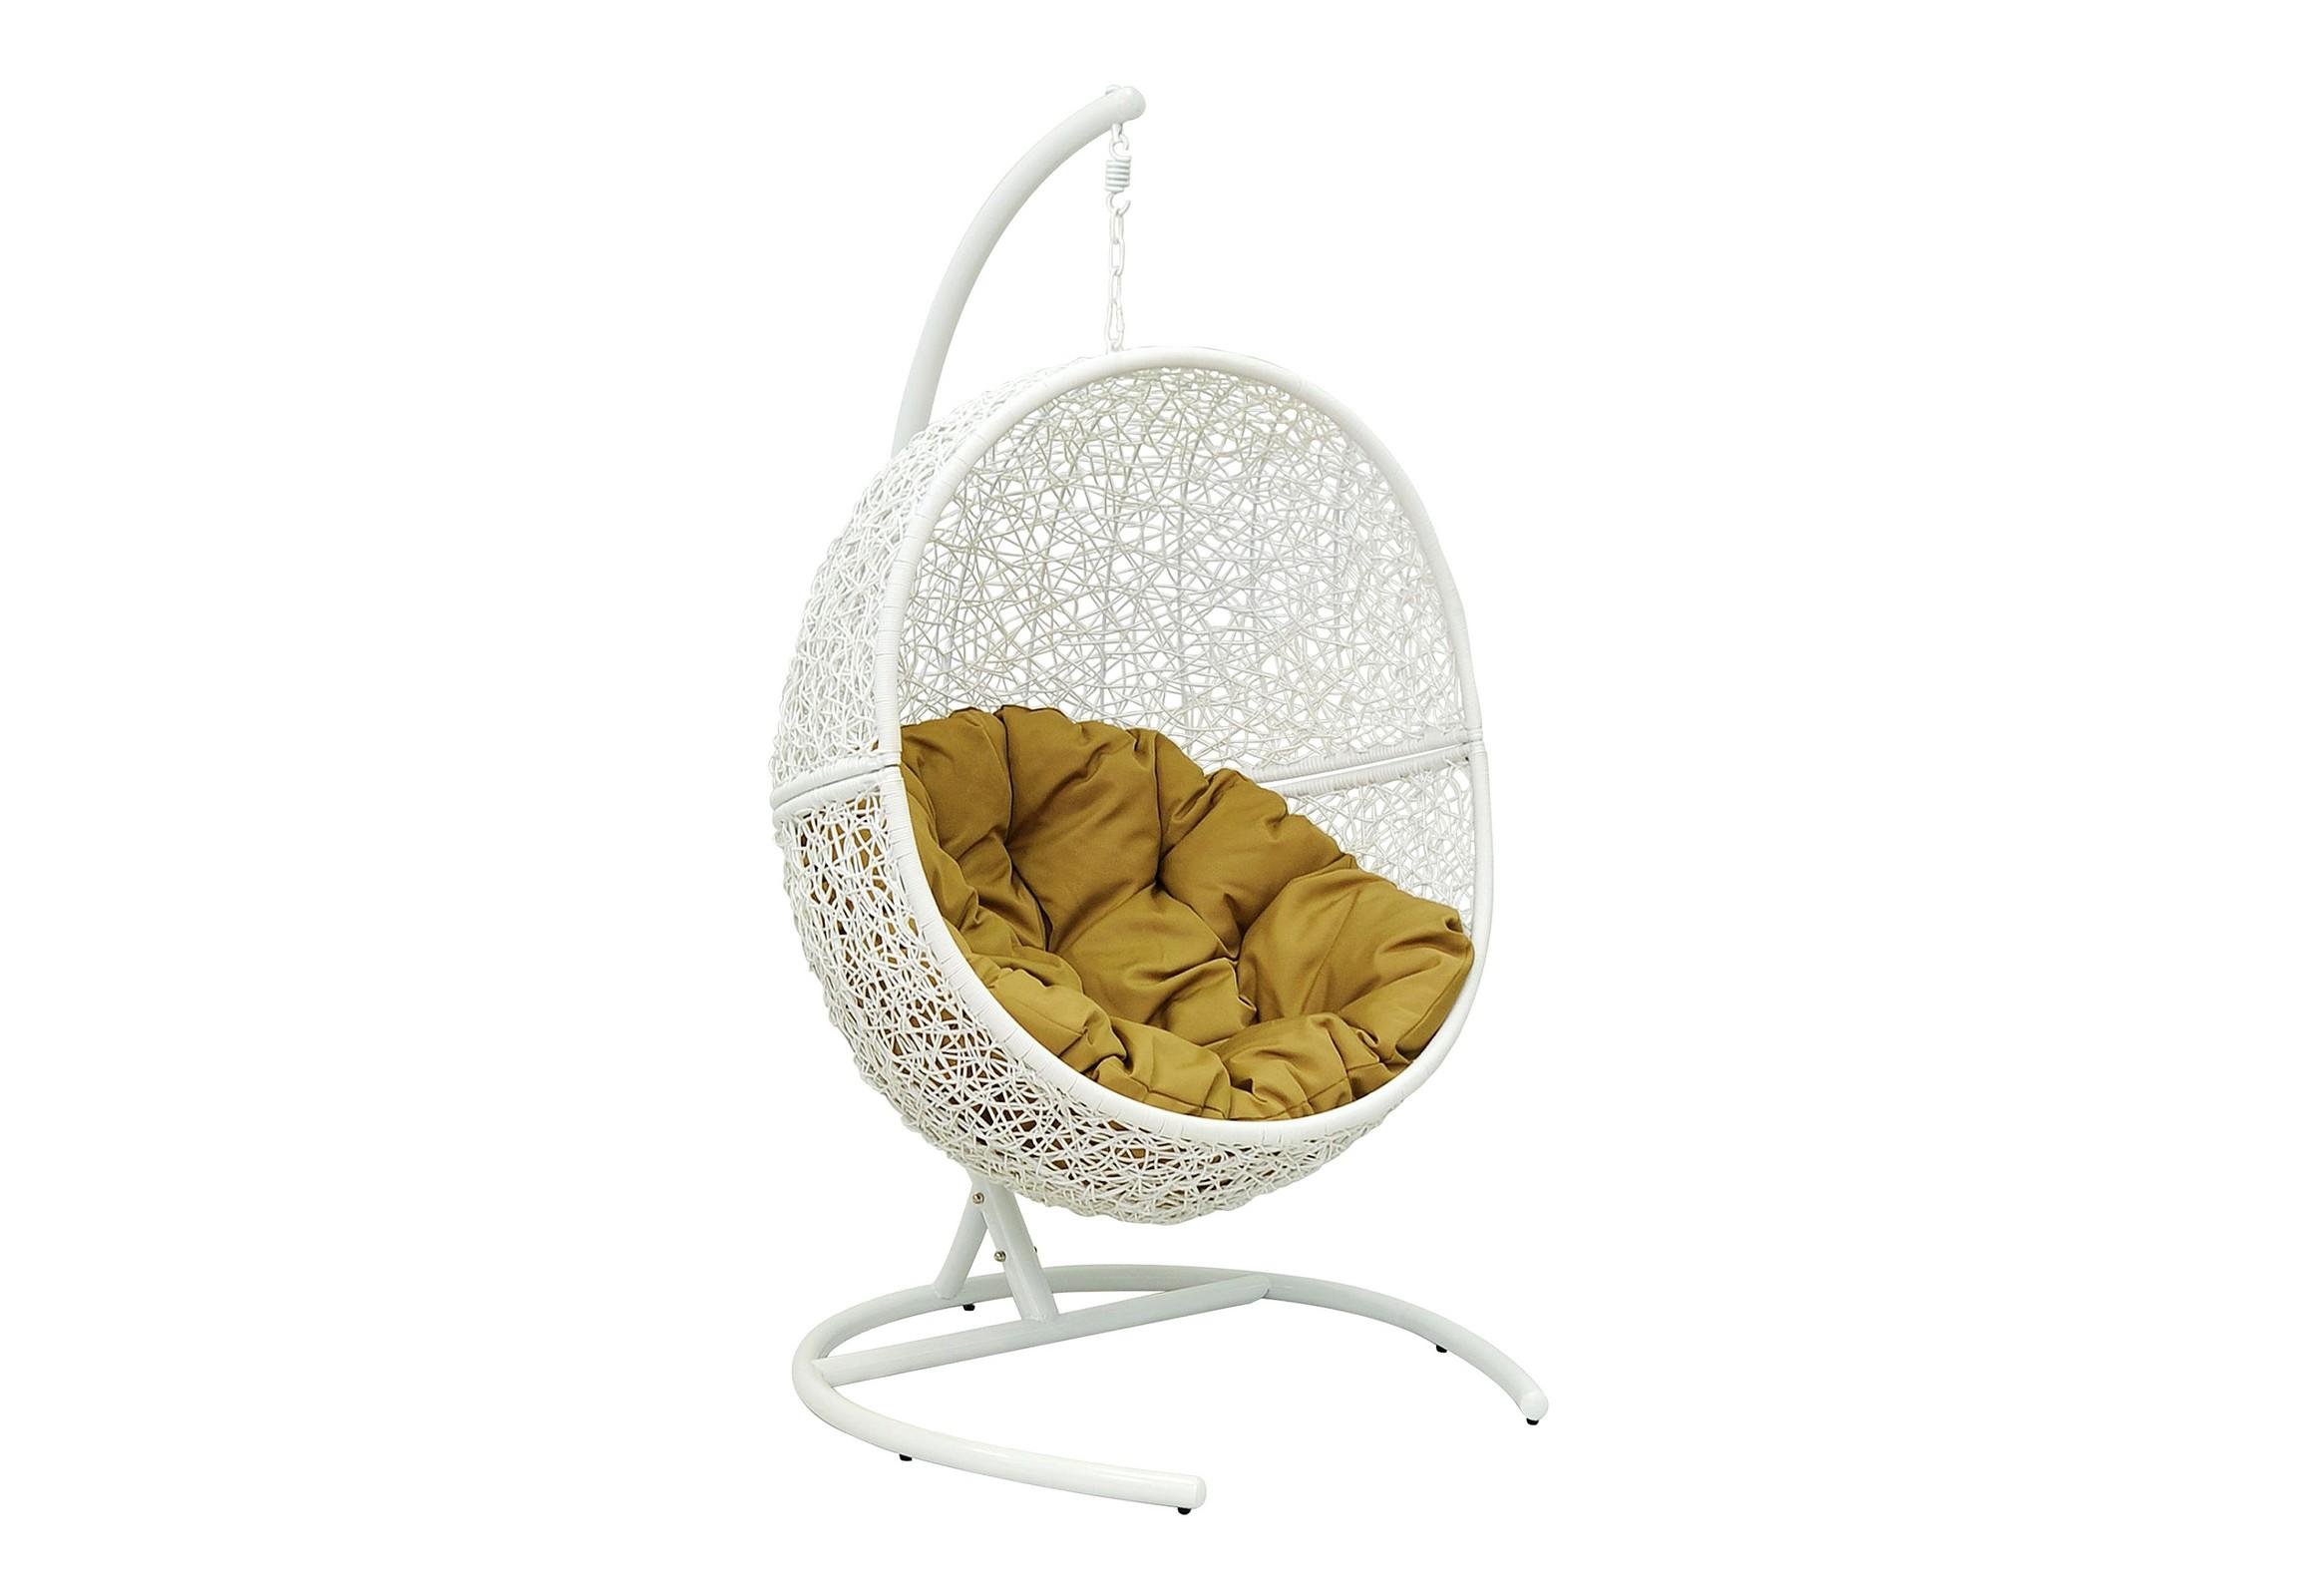 Кресло подвесное Lunar WhiteПодвесные кресла<br>Подвесное кресло выполнено из искусственного ротанга высокого качества. Искусственный ротанг круглой формы, что делает его очень похожим на натуральный ротанговый прут. Каркас опоры и самого кресла покрыт прочной, устойчивой к внешним воздействиям, порошковой краской. А мягкие подушки выполнены из водоотталкивающего материала.<br>Основа кресла выполнена из стали, благодаря чему подвесное кресло может выдерживать вес до 120 кг. Когда Вы сидите  в кресле, общая нагрузка приходится не на ажурное плетение, а именно на металлический каркас.&amp;lt;div&amp;gt;&amp;lt;br&amp;gt;&amp;lt;/div&amp;gt;&amp;lt;div&amp;gt;Материал каркаса: сталь&amp;lt;/div&amp;gt;&amp;lt;div&amp;gt;Материал плетения: PE-ротанг (искусственный ротанг) высокого качества (круглый)&amp;lt;/div&amp;gt;&amp;lt;div&amp;gt;Размер чаши: 95х78х117 см&amp;amp;nbsp;&amp;lt;/div&amp;gt;&amp;lt;div&amp;gt;Размер основания: 100х100х176 см&amp;amp;nbsp;&amp;lt;/div&amp;gt;&amp;lt;div&amp;gt;Выдерживаемая нагрузка: 120 кг&amp;lt;/div&amp;gt;&amp;lt;div&amp;gt;Вес: 37 кг&amp;amp;nbsp;&amp;lt;/div&amp;gt;&amp;lt;div&amp;gt;Конструкция кресла: сборно-разборное&amp;lt;/div&amp;gt;&amp;lt;div&amp;gt;Кресло состоит из трех частей: основание, опора и чаша. Сборка не требует специальных навыков.&amp;lt;/div&amp;gt;<br><br>Material: Ротанг<br>Width см: 95<br>Depth см: 78<br>Height см: 117